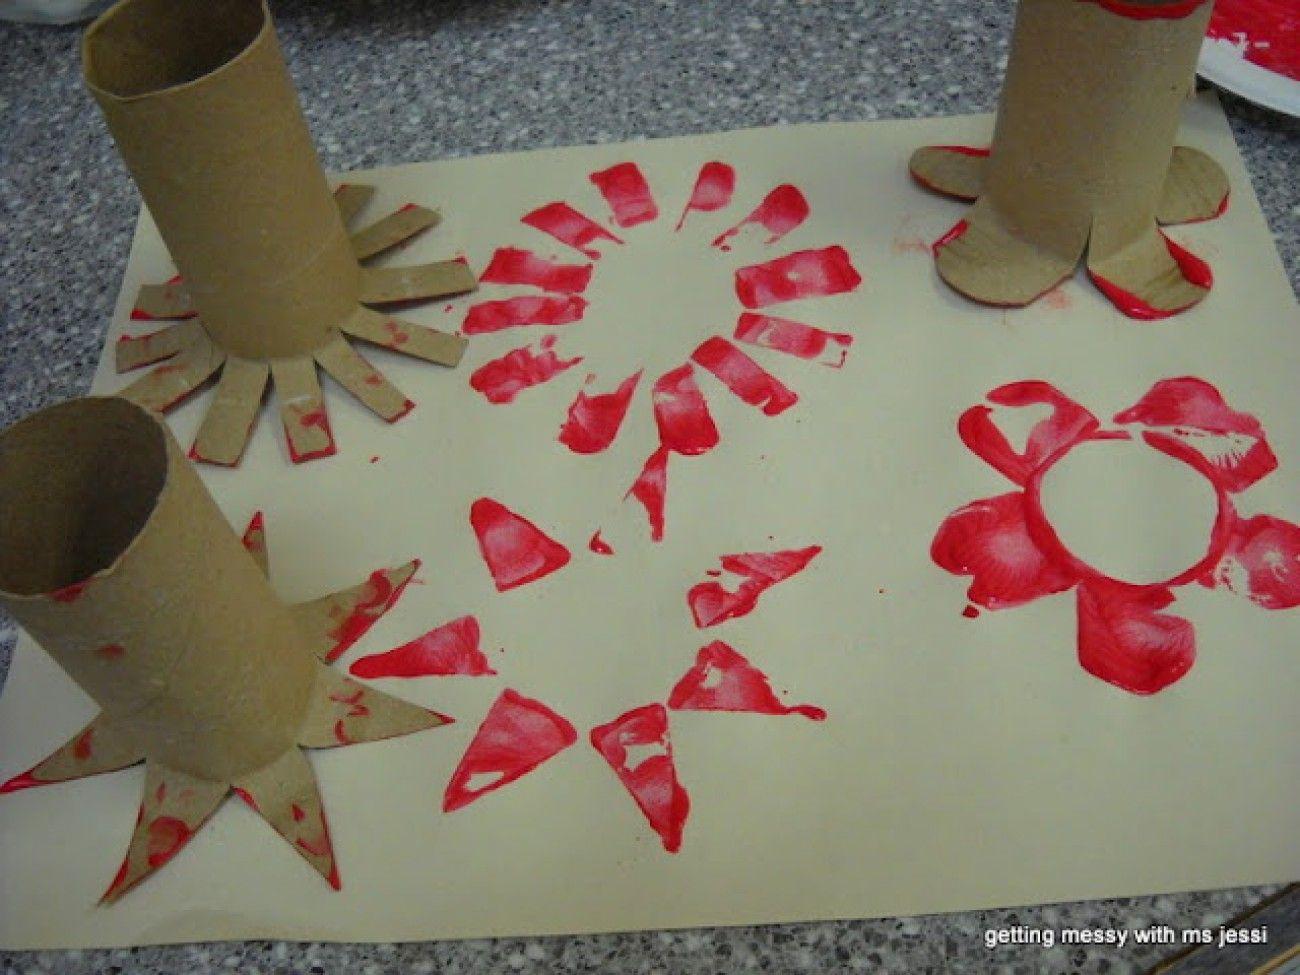 Peindre avec des rouleaux de papier toilette nounou rouleau papier toilette pinterest - Papillon avec rouleau de papier toilette ...